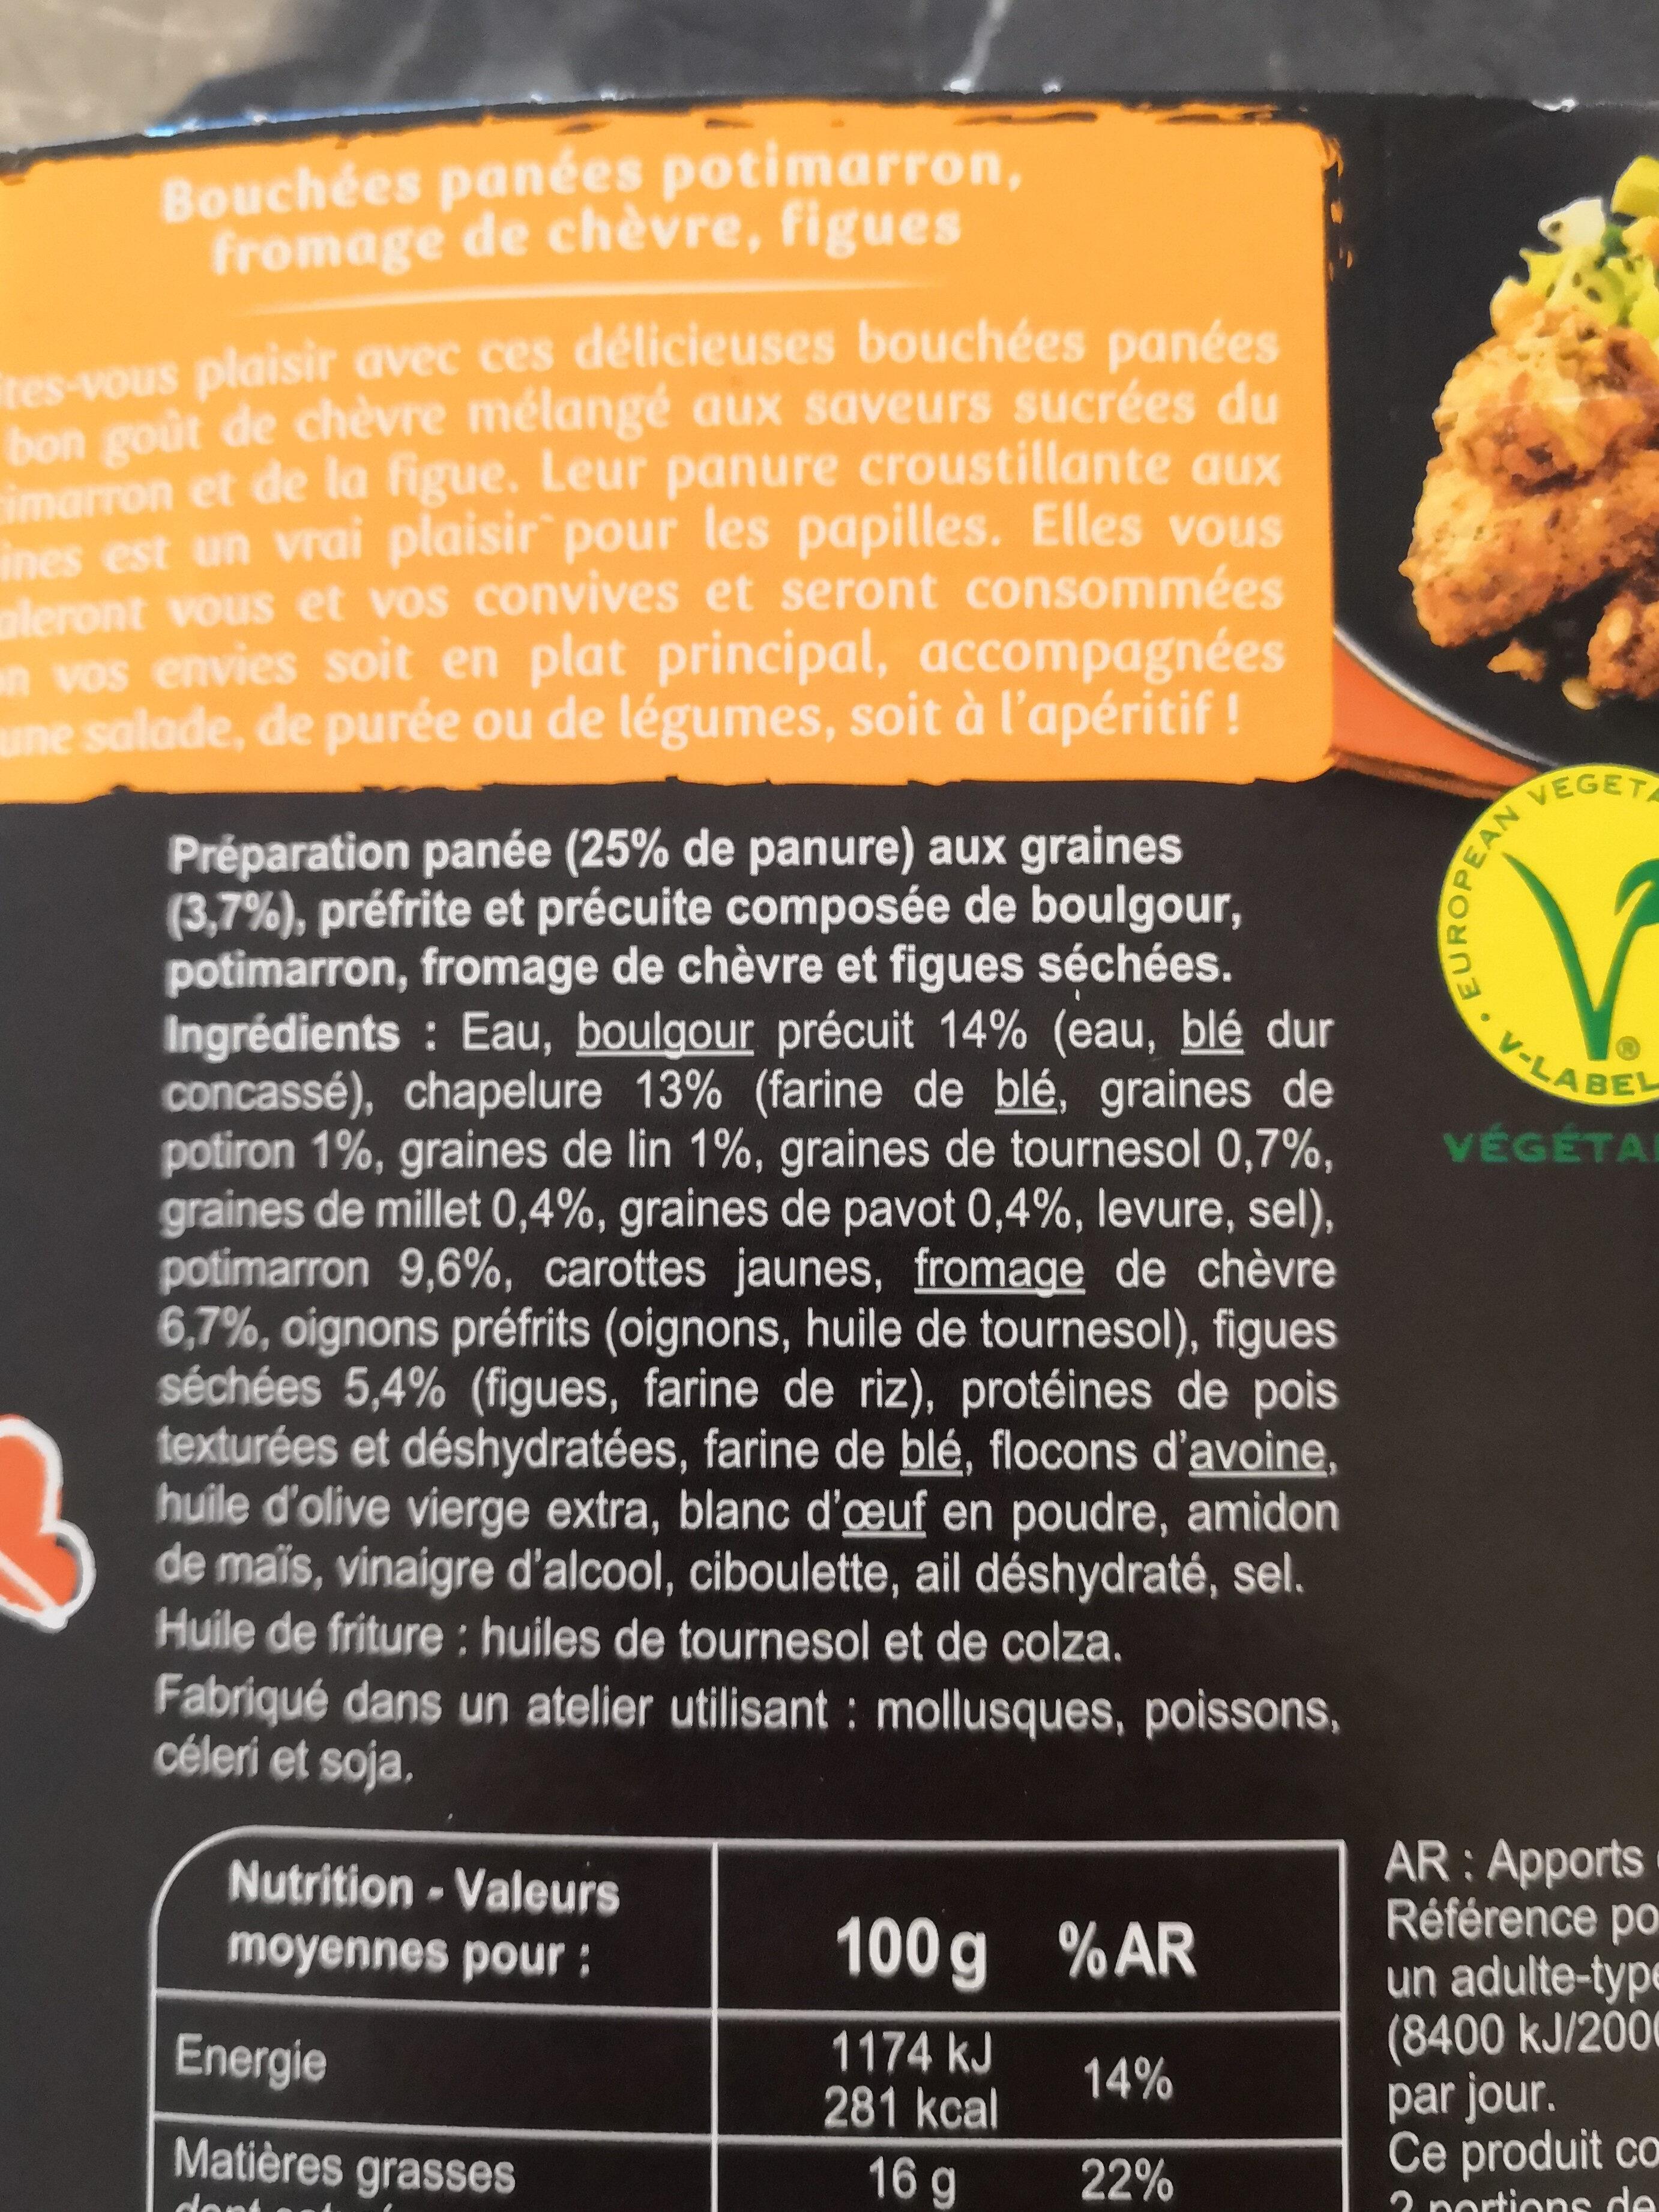 Veggie bouchées panées - Ingrédients - fr